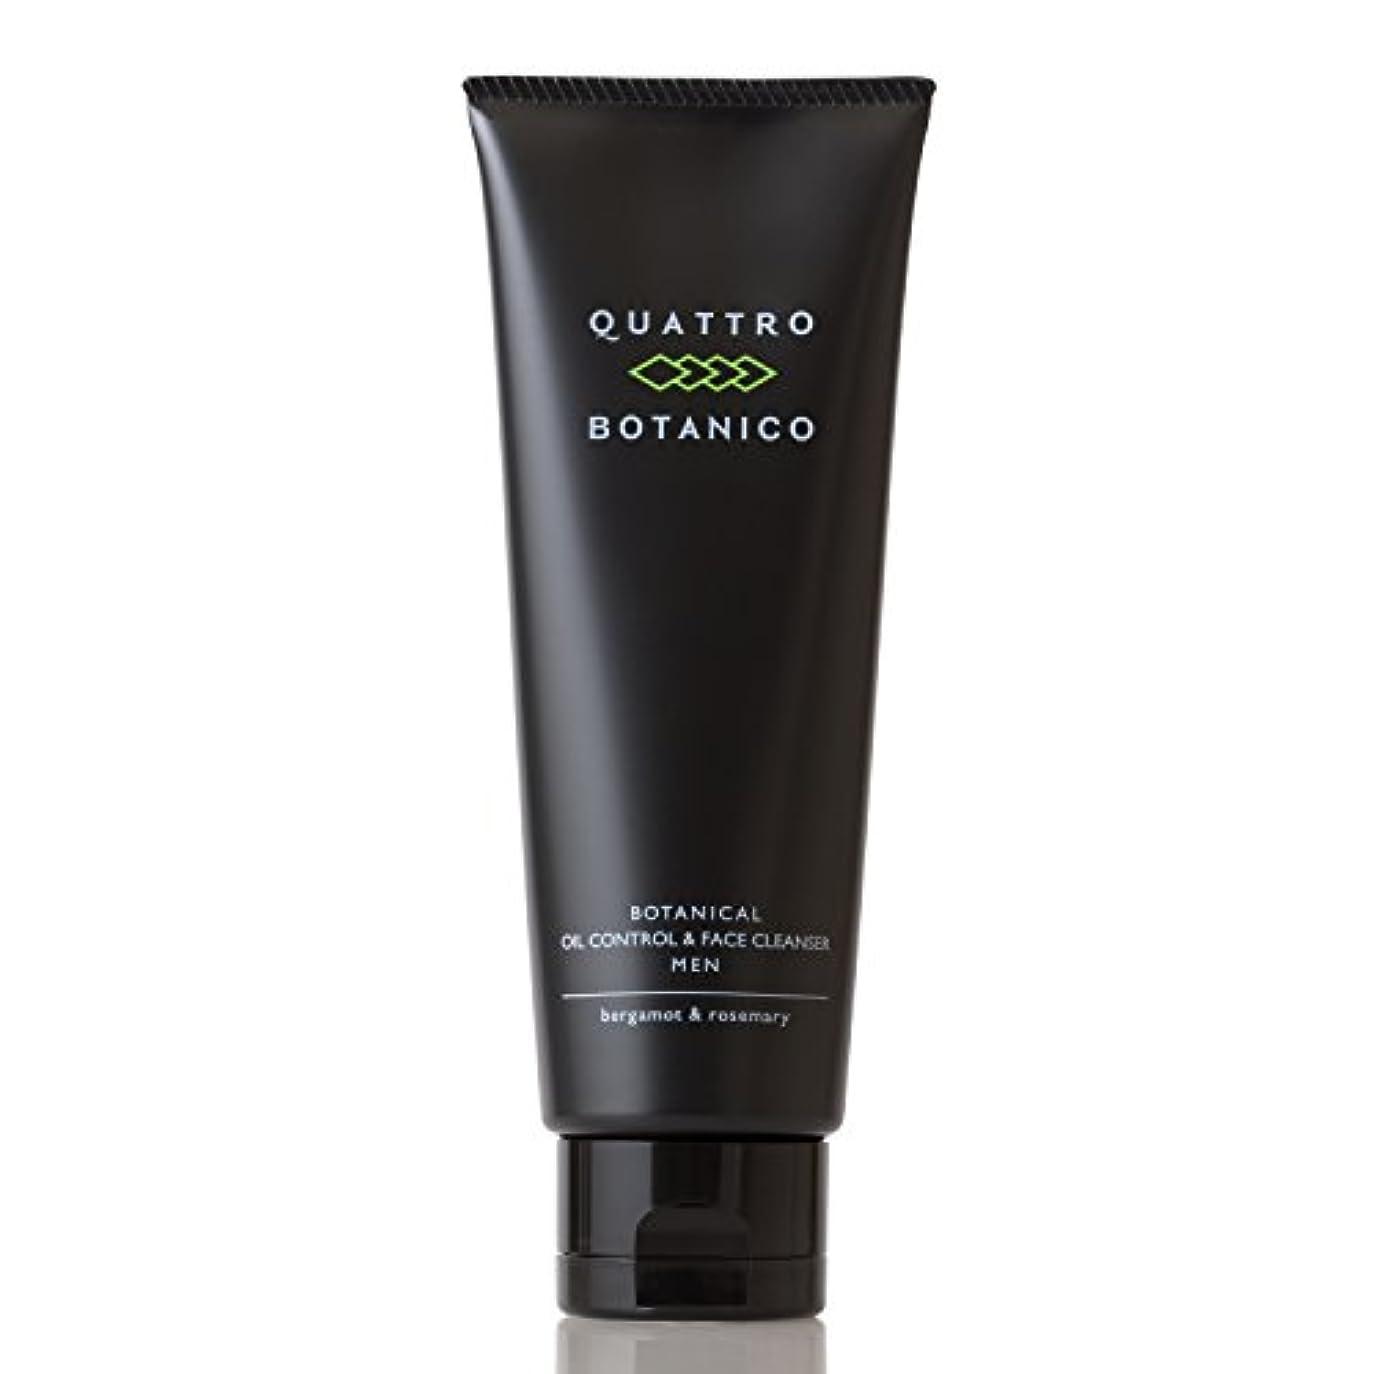 魅力的薬局砦クワトロボタニコ (QUATTRO BOTANICO) 【 メンズ 洗顔 】 ボタニカル オイルコントロール & フェイスクレンザー (男性 スキンケア) 男性用 洗顔クリーム 男 皮脂 テカリ